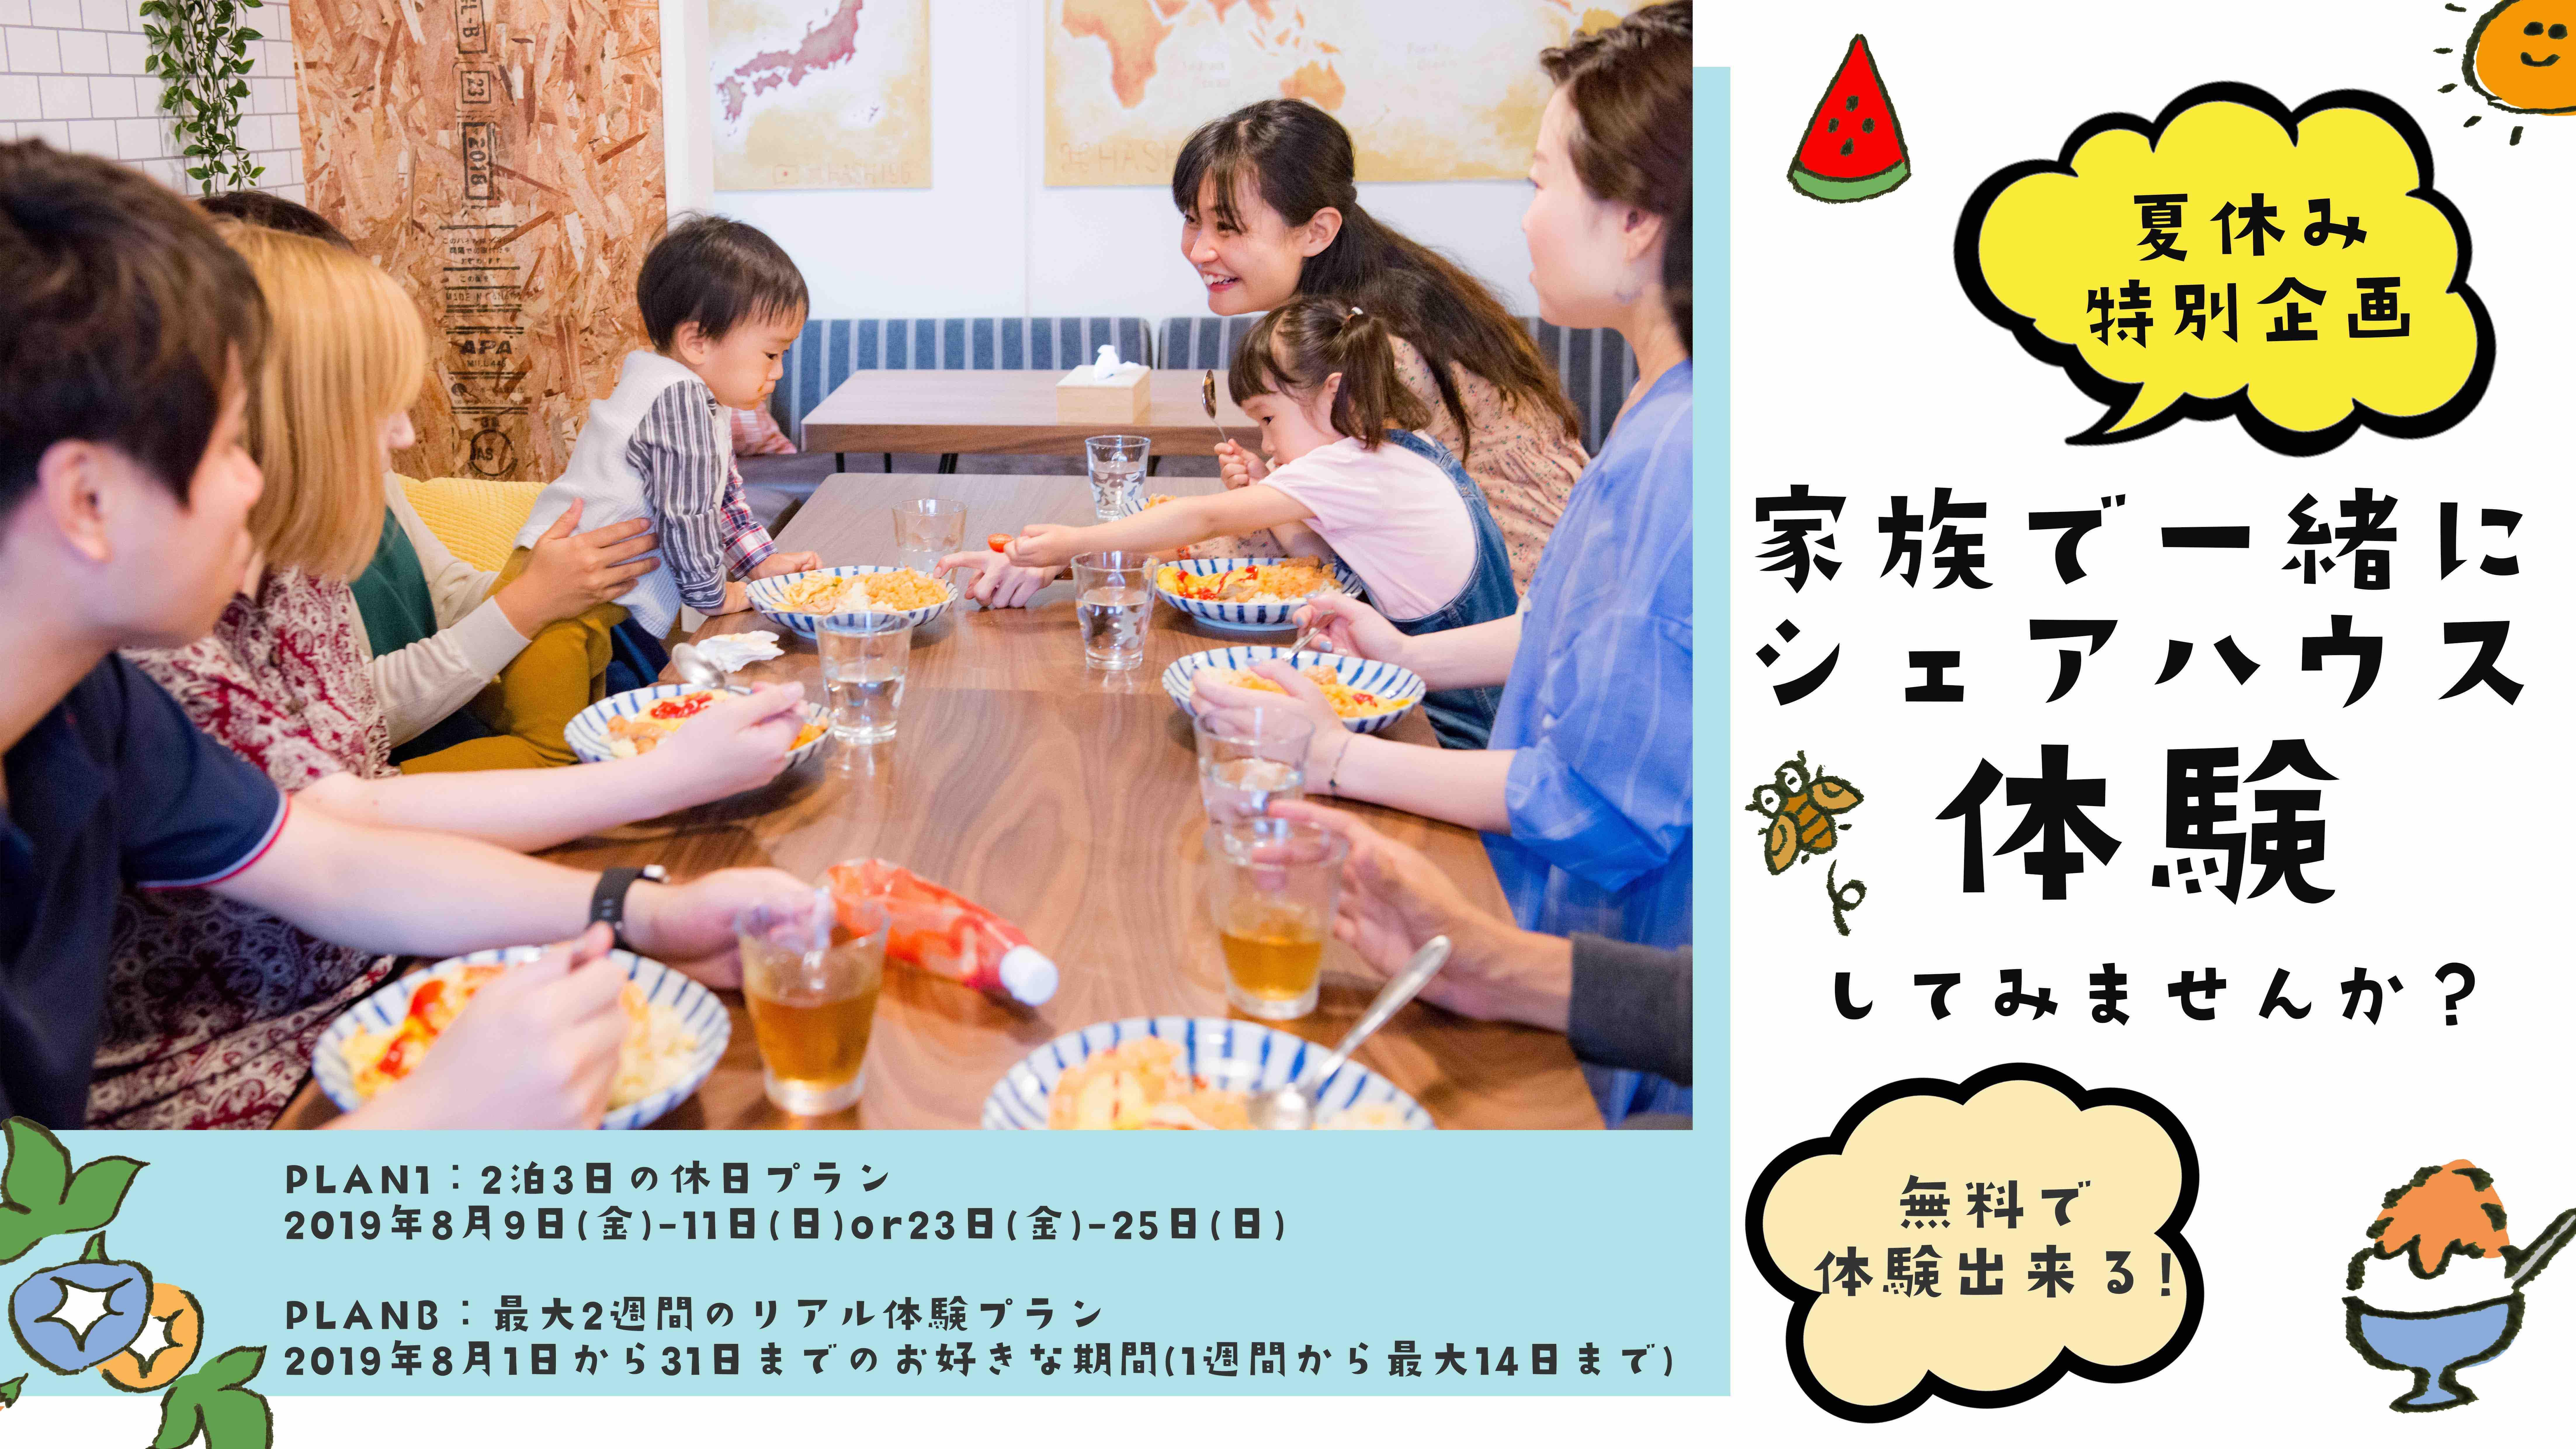 (JP) 夏休み特別企画!家族でシェアハウス体験してみませんか